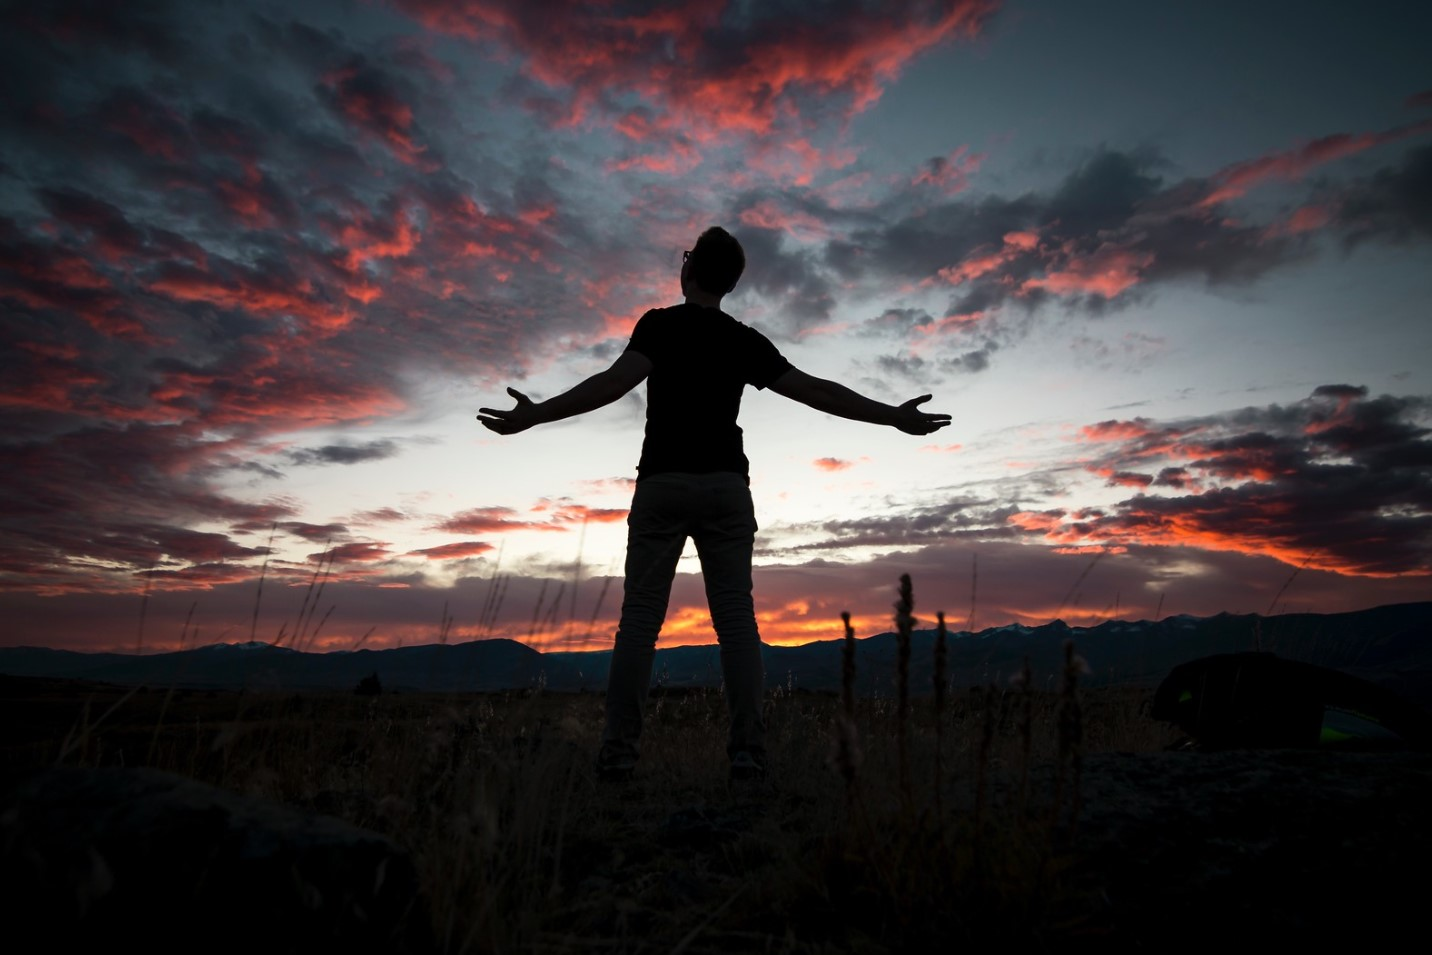 orando al atardecer